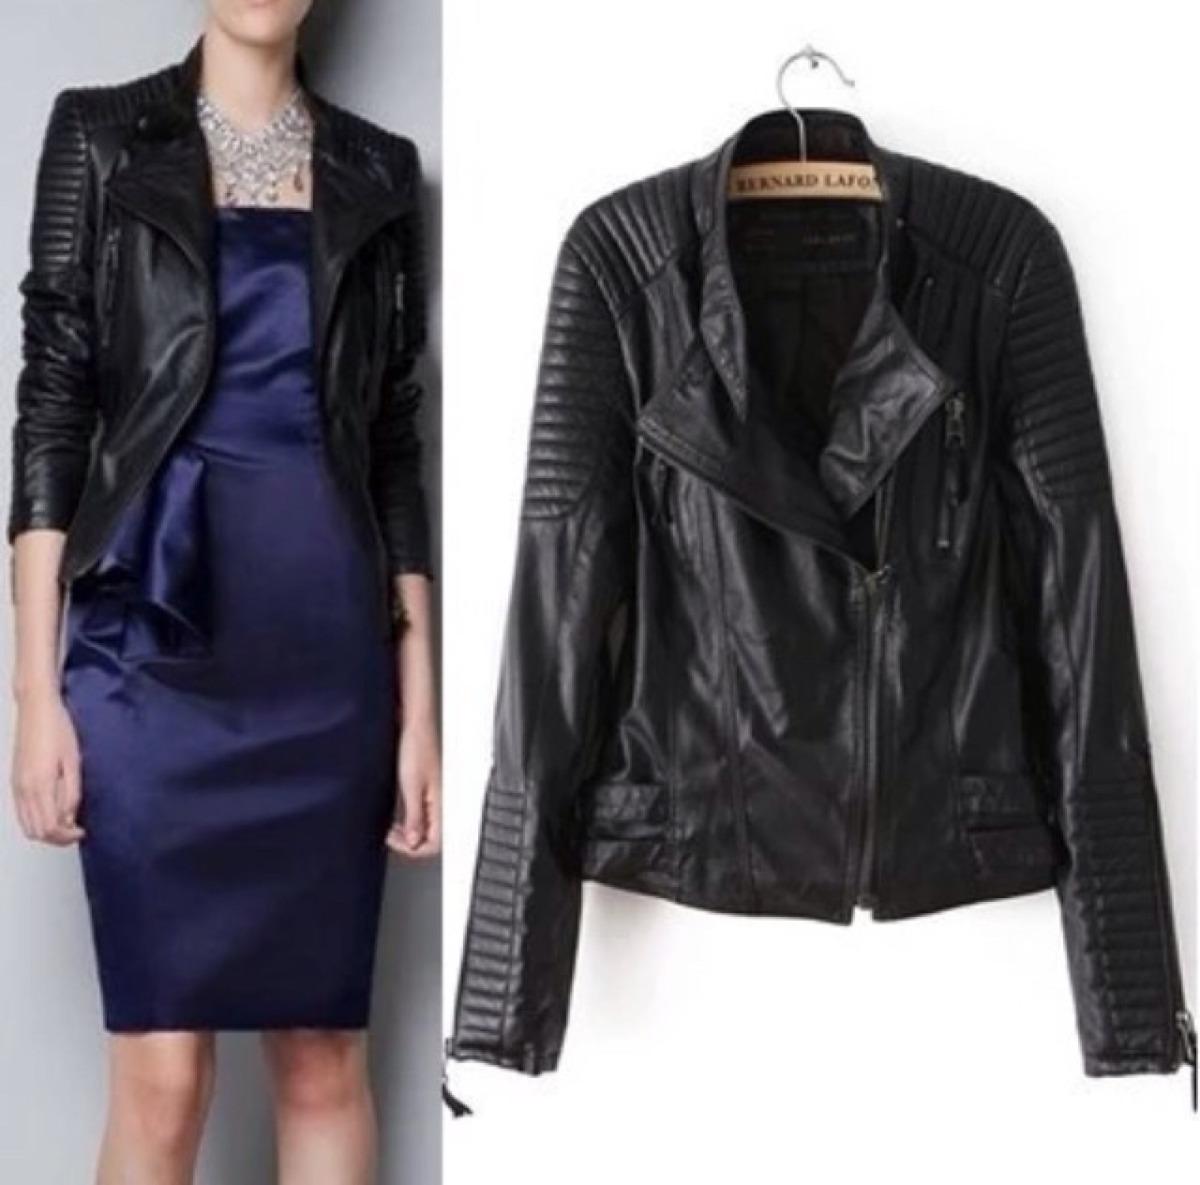 jaqueta couro feminina preta m pronta entrega. Carregando zoom. 43d577f92a0